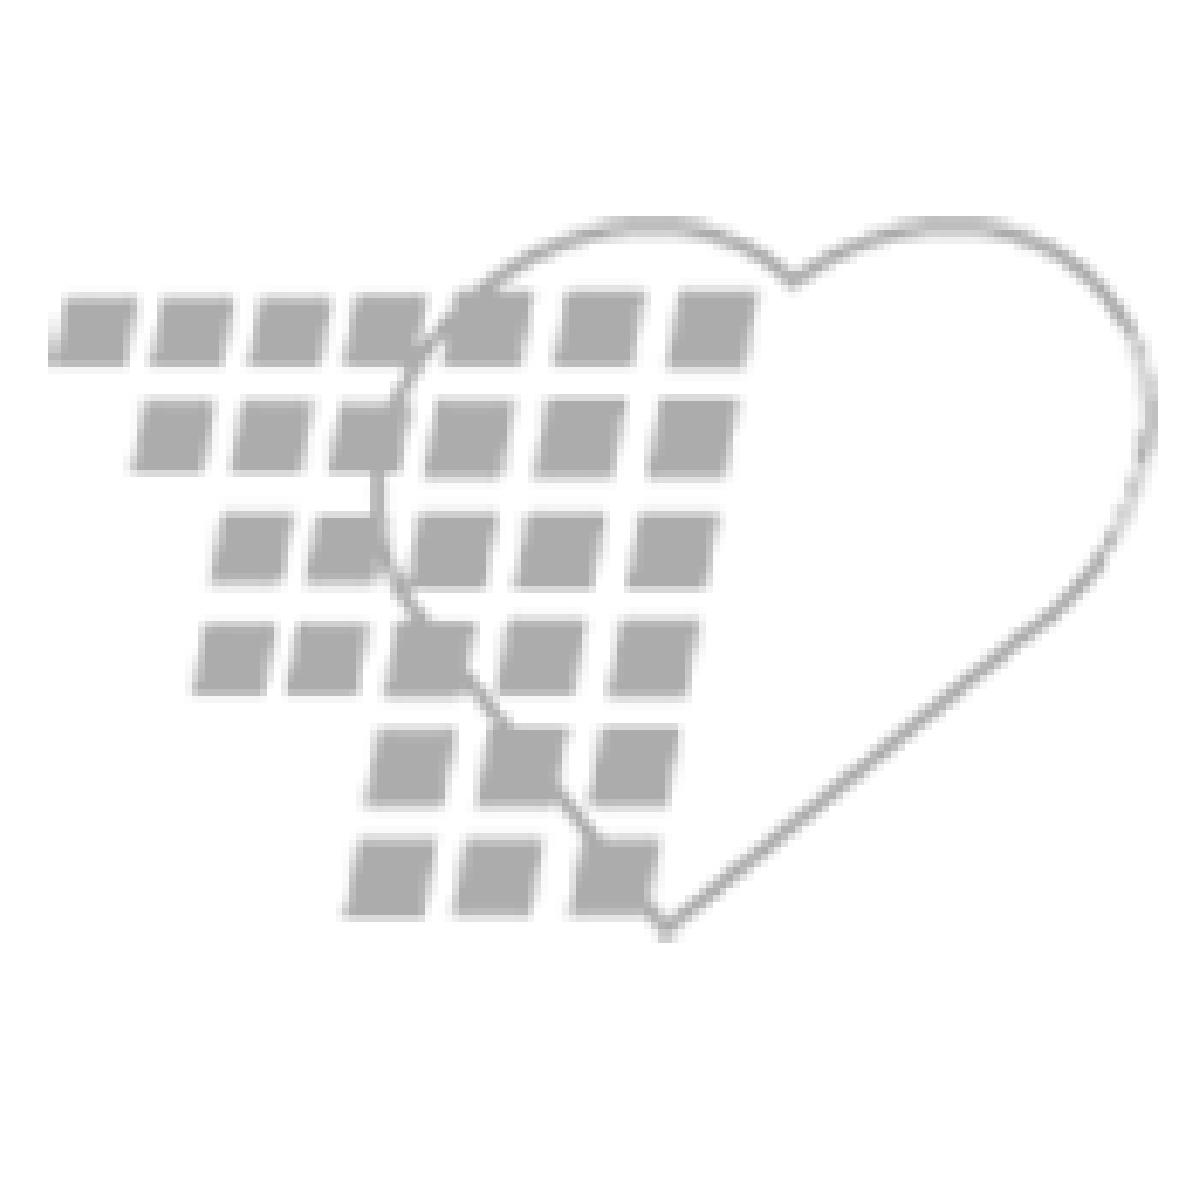 """07-71-0095 Tracheostomy Twill Tie Tape - 0.25"""" x 36 yds"""